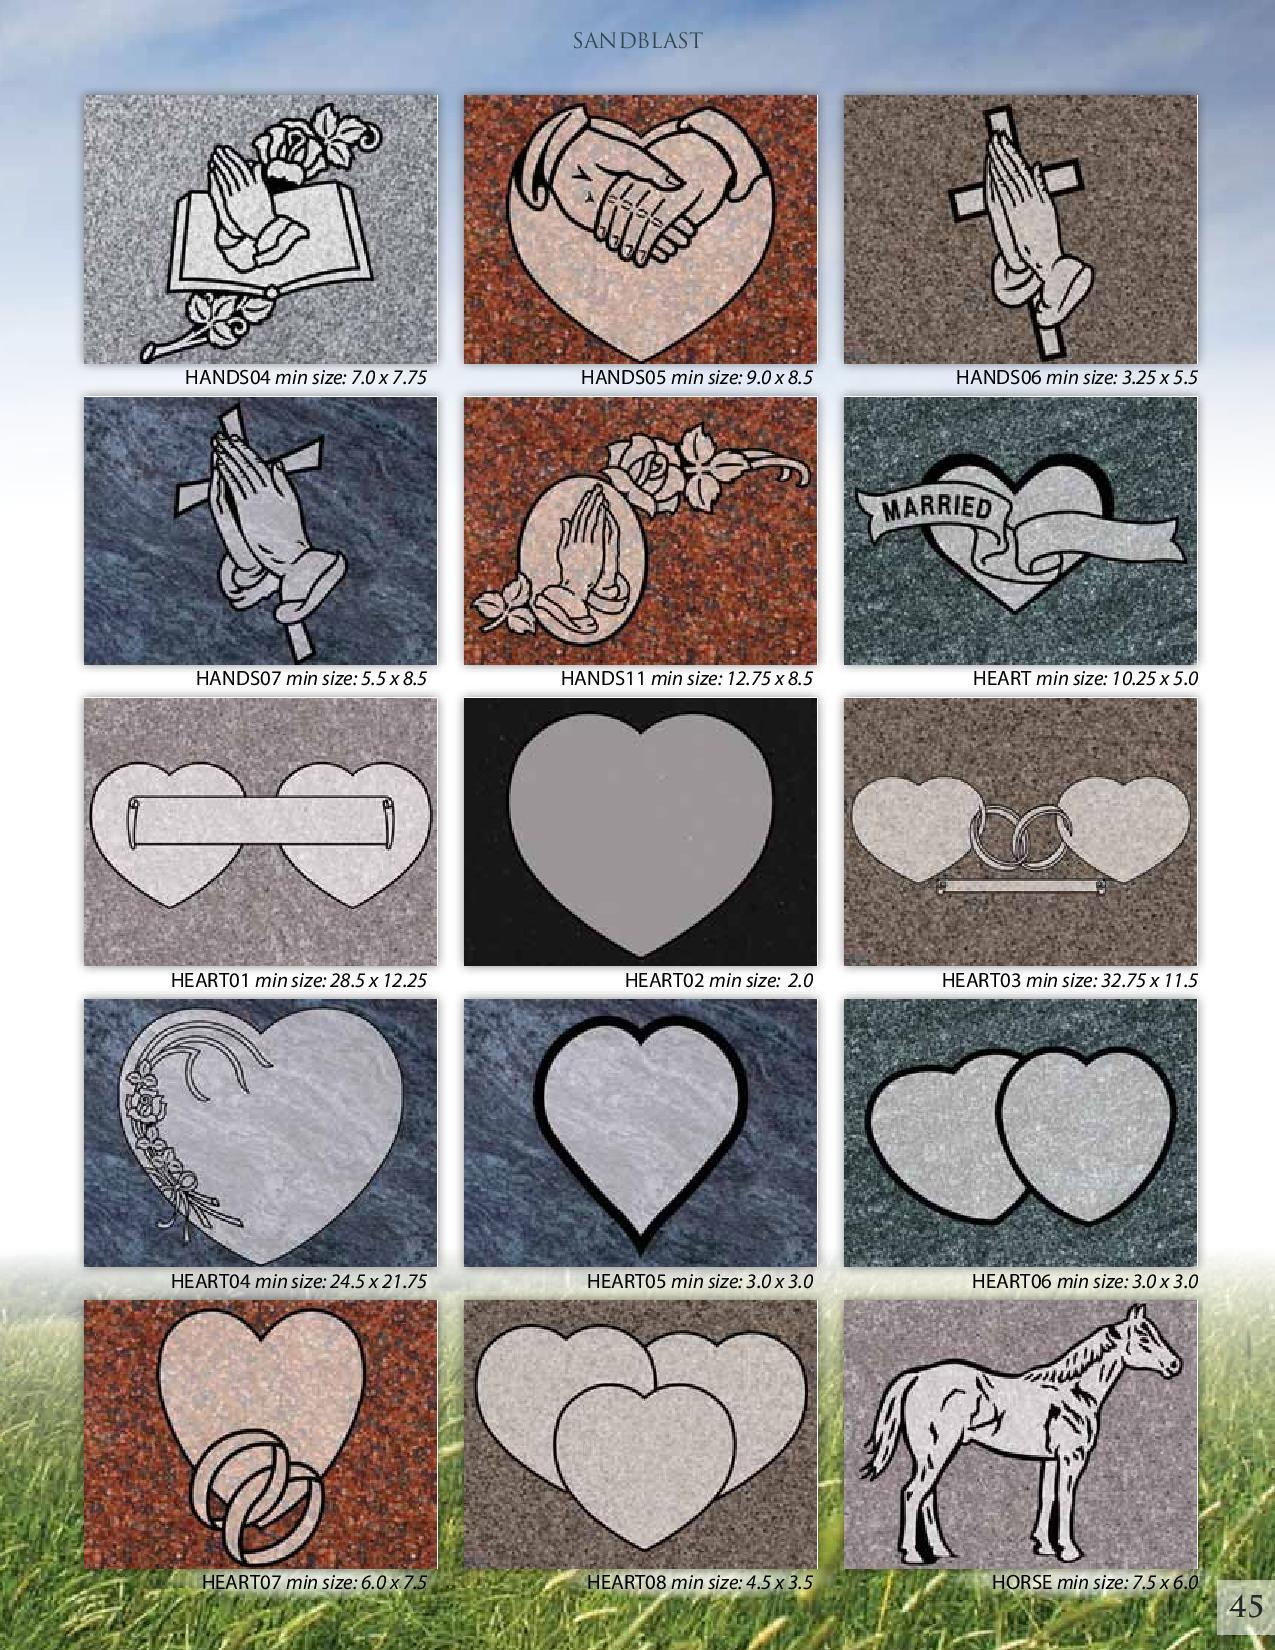 Sandblastcatalog 3915_selected-pages (1)-page-045.jpg